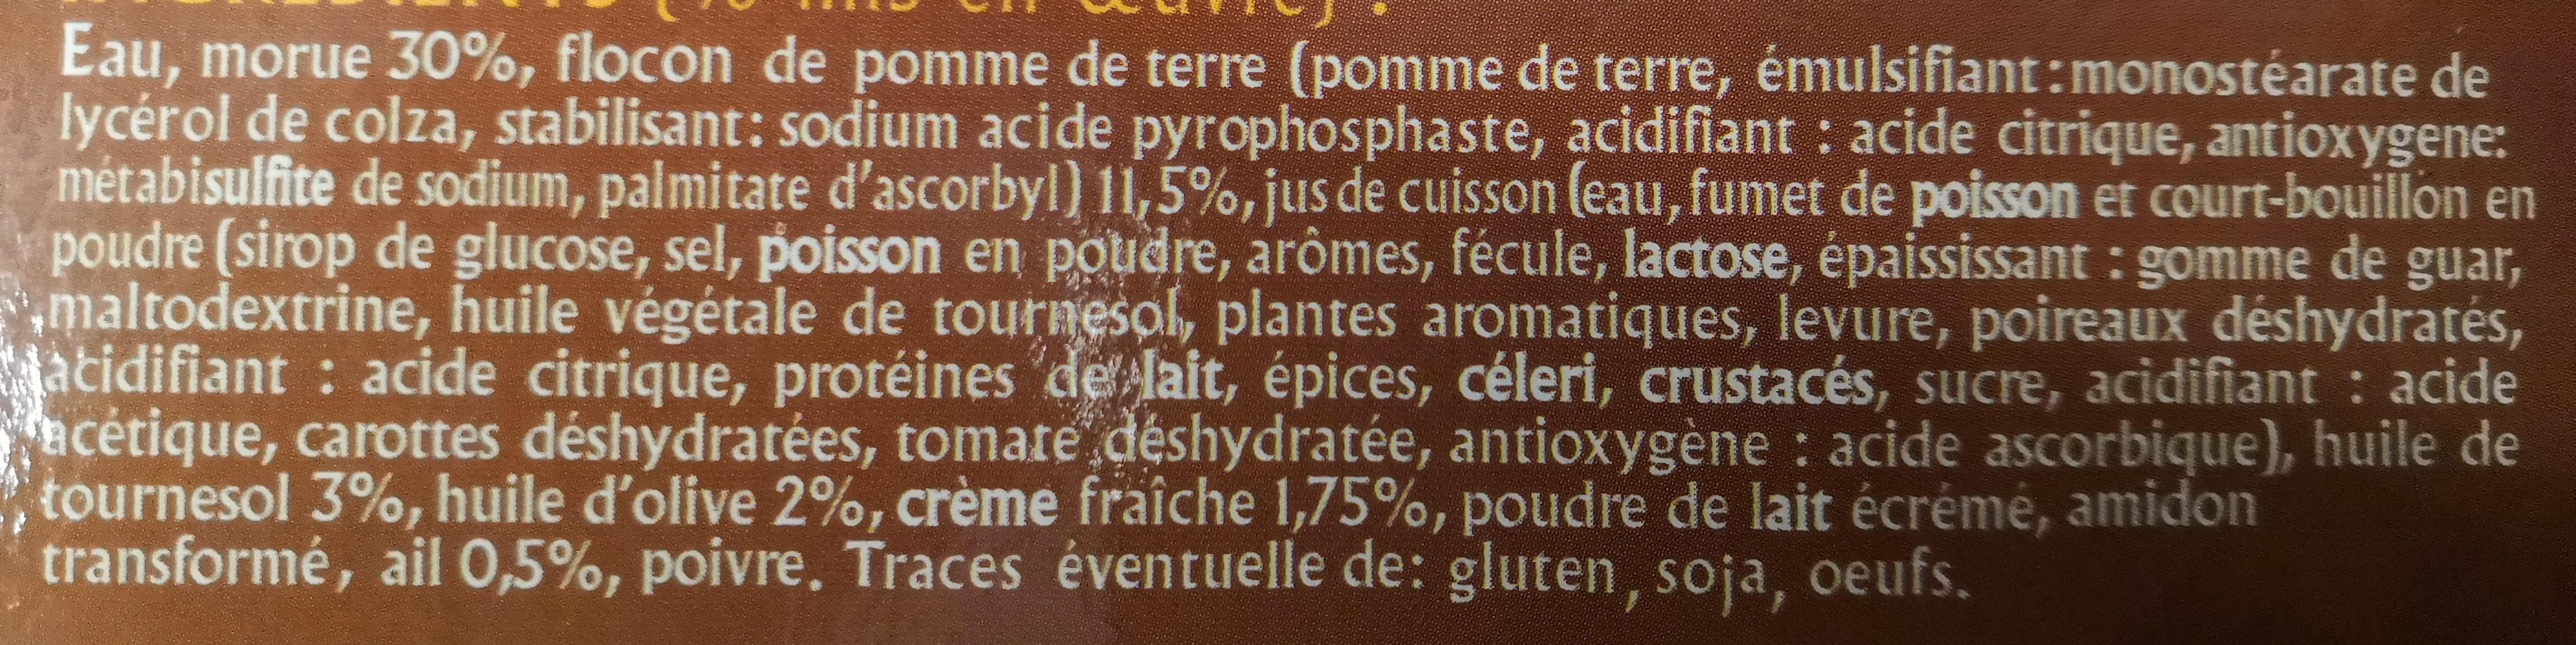 Brandade de Morue Parmentier - Ingredients